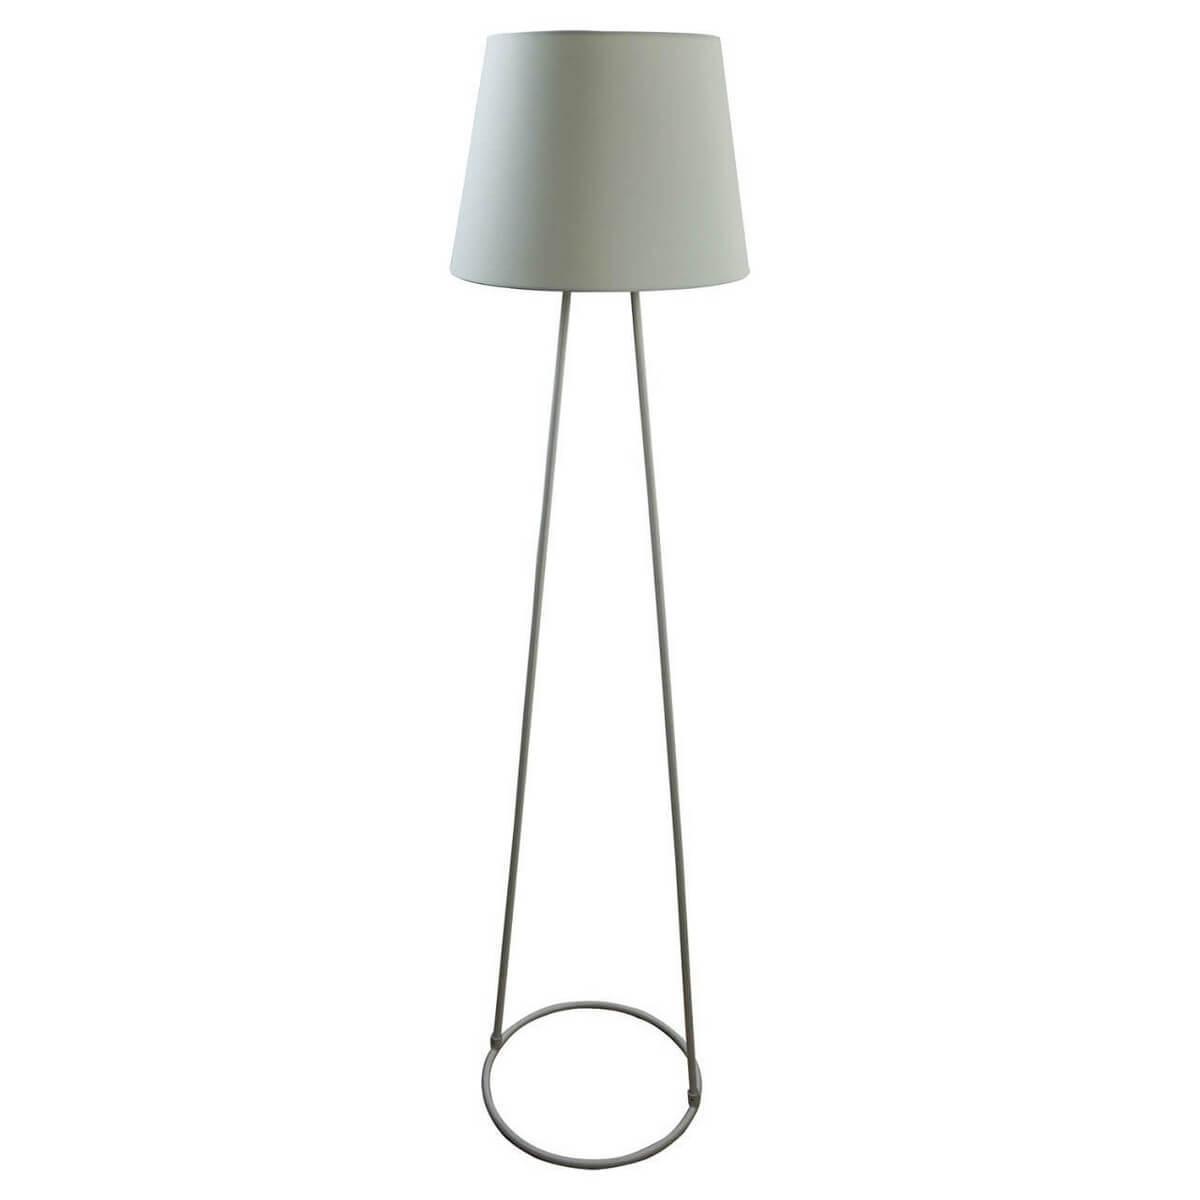 Напольный светильник Lussole LSP-9907, E27, 60 Вт торшер lussole lgo lsp 9908